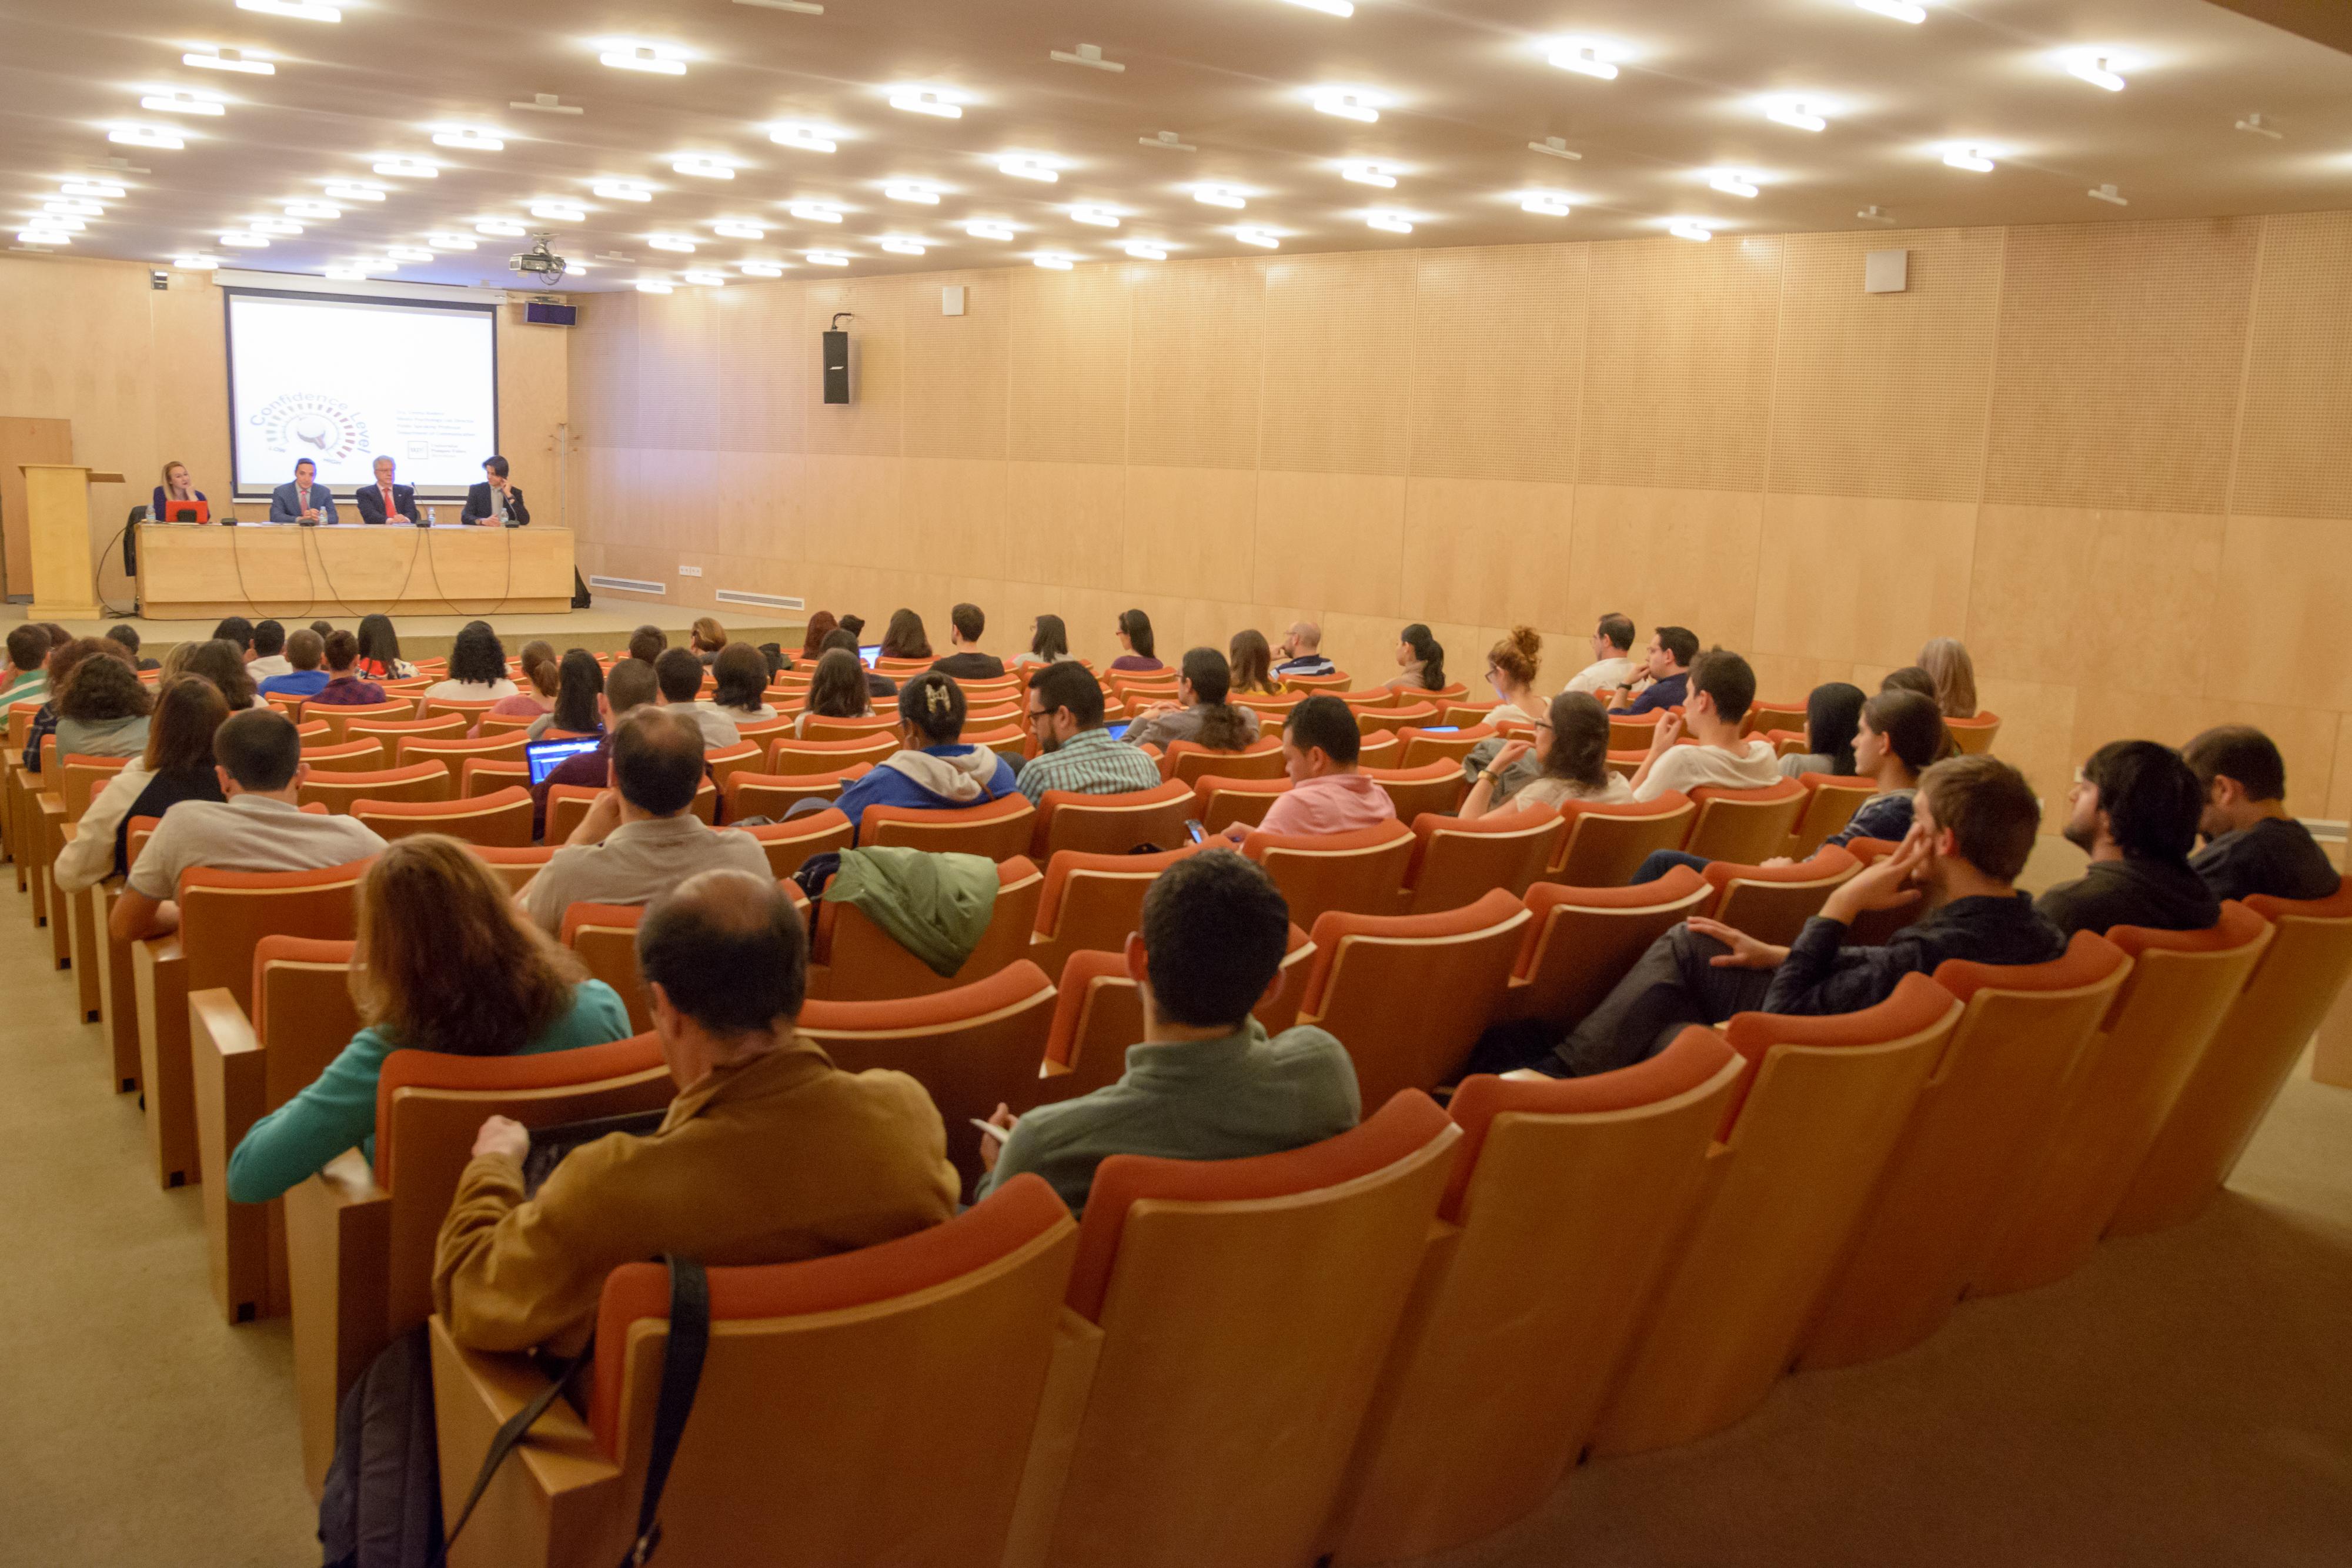 La Universidad de Salamanca muestra a sus doctorandos las estrategias para realizar con éxito la defensa oral de un trabajo académico